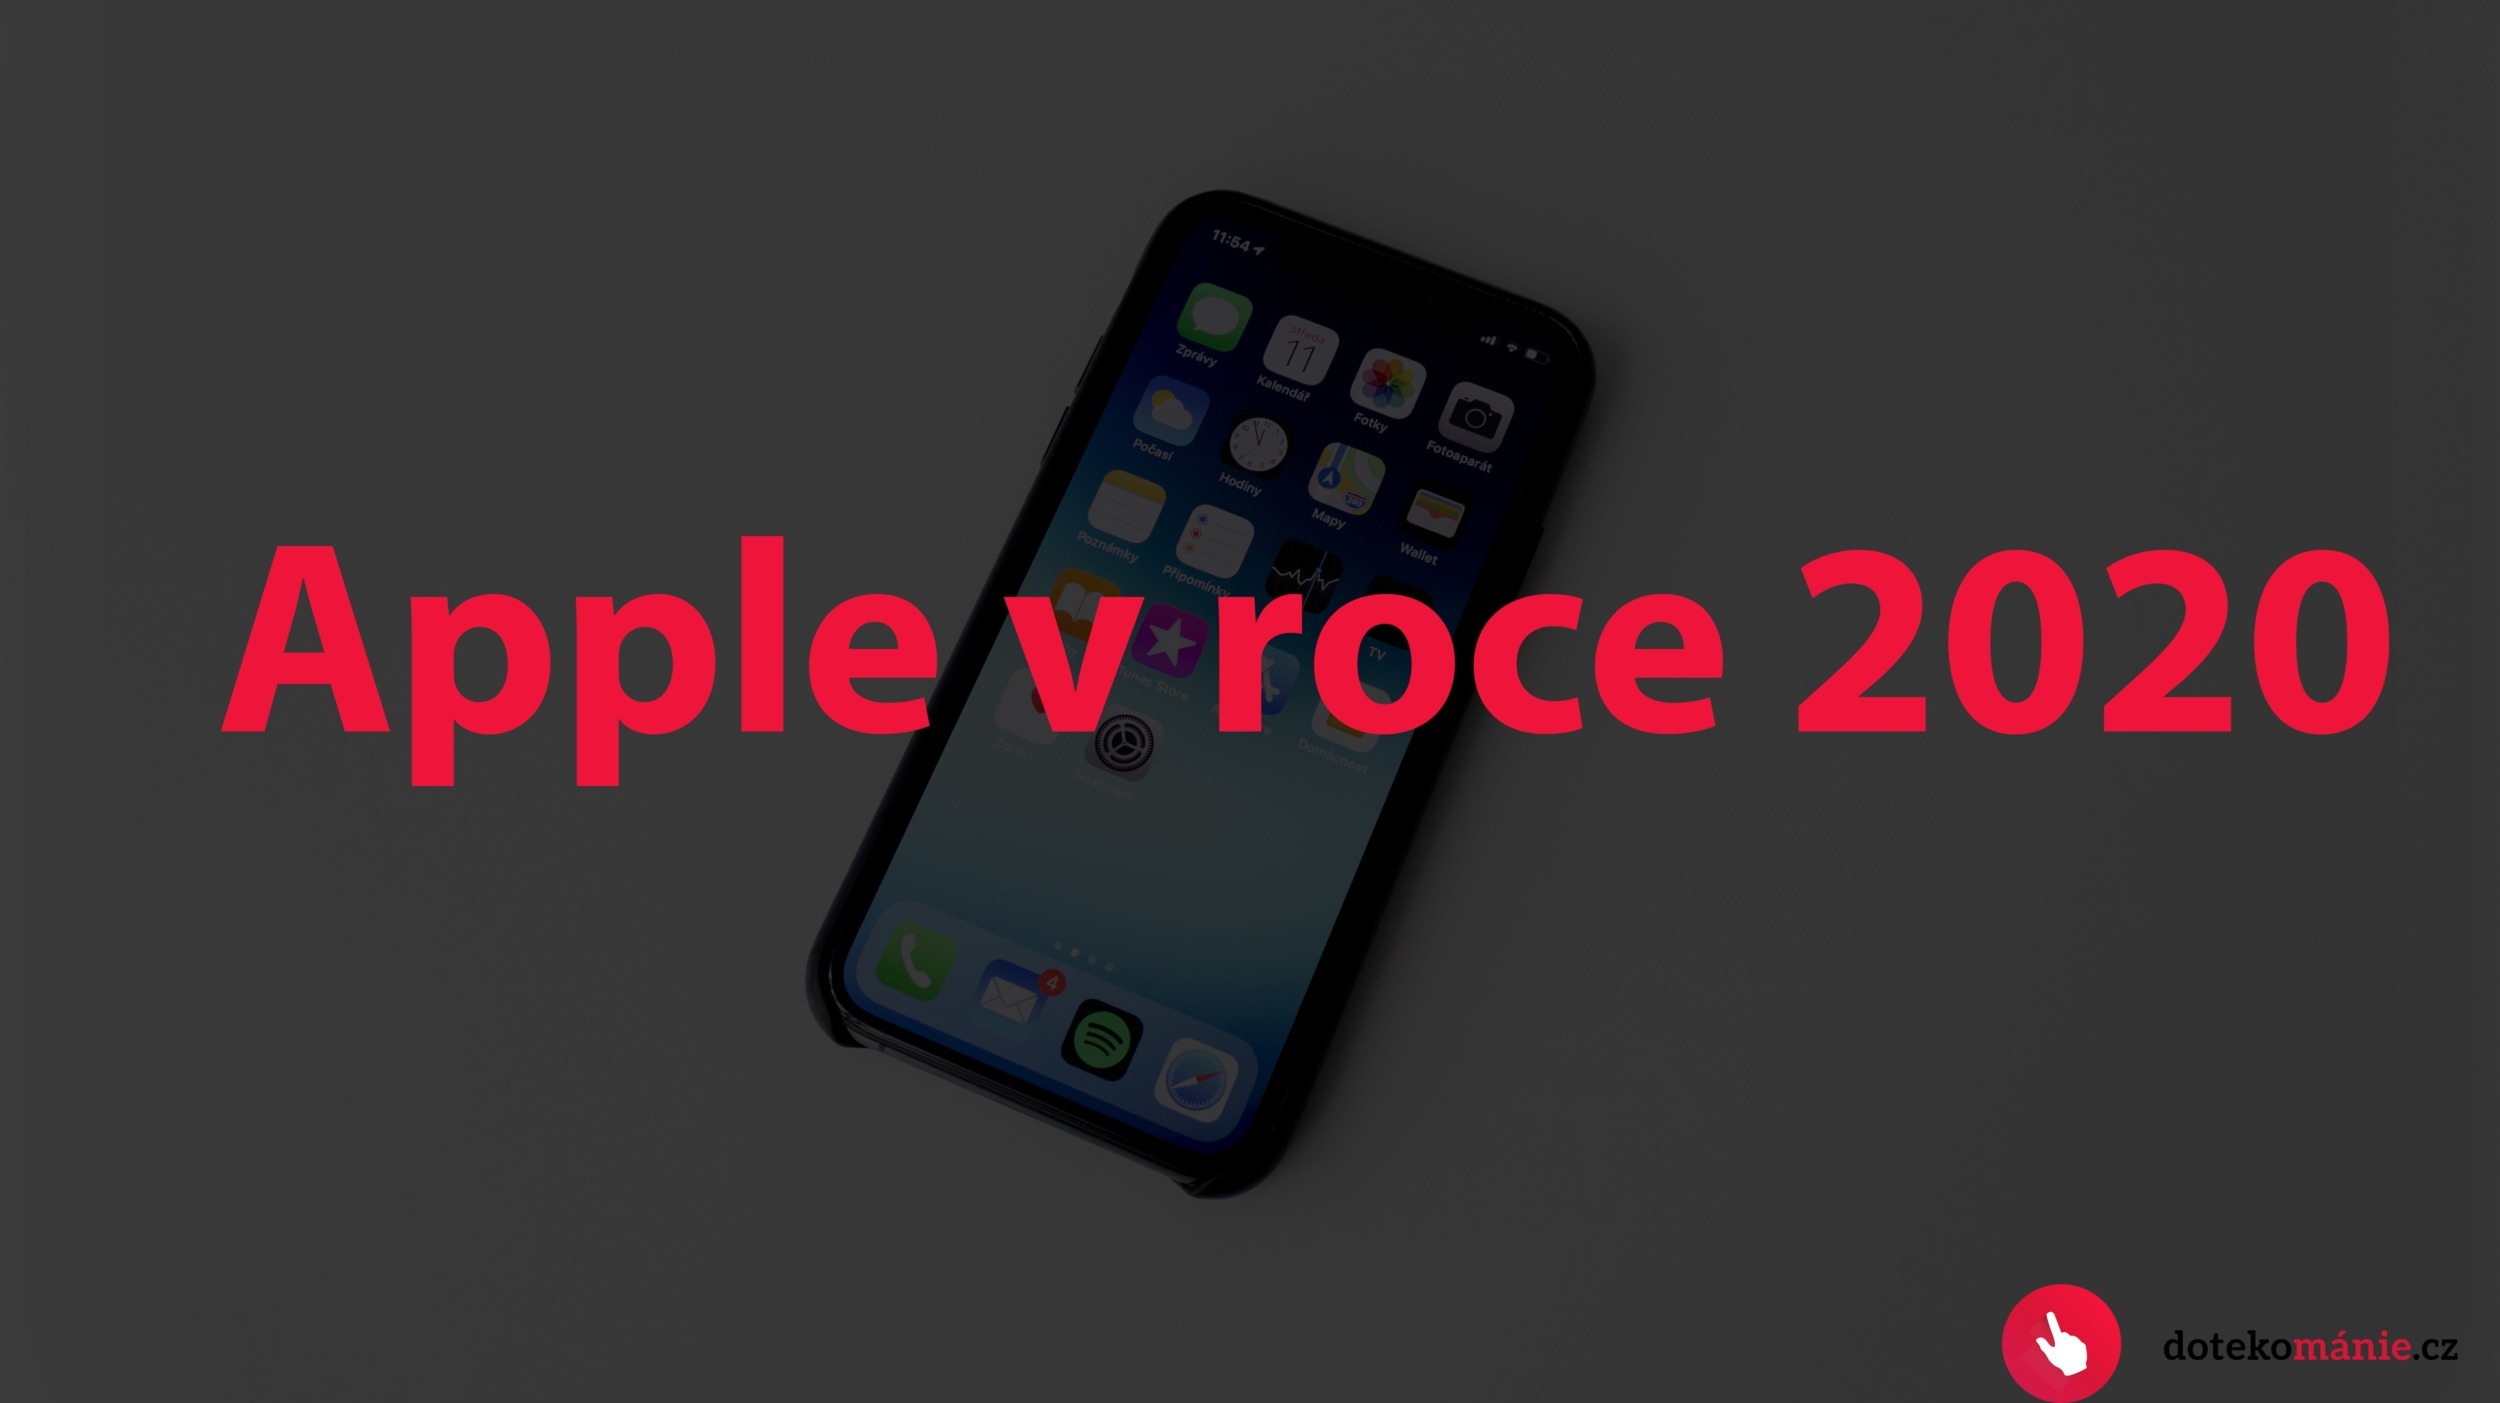 Apple a rok 2020 v kostce: 5G iPhony, o třetinu menší výřezy a další